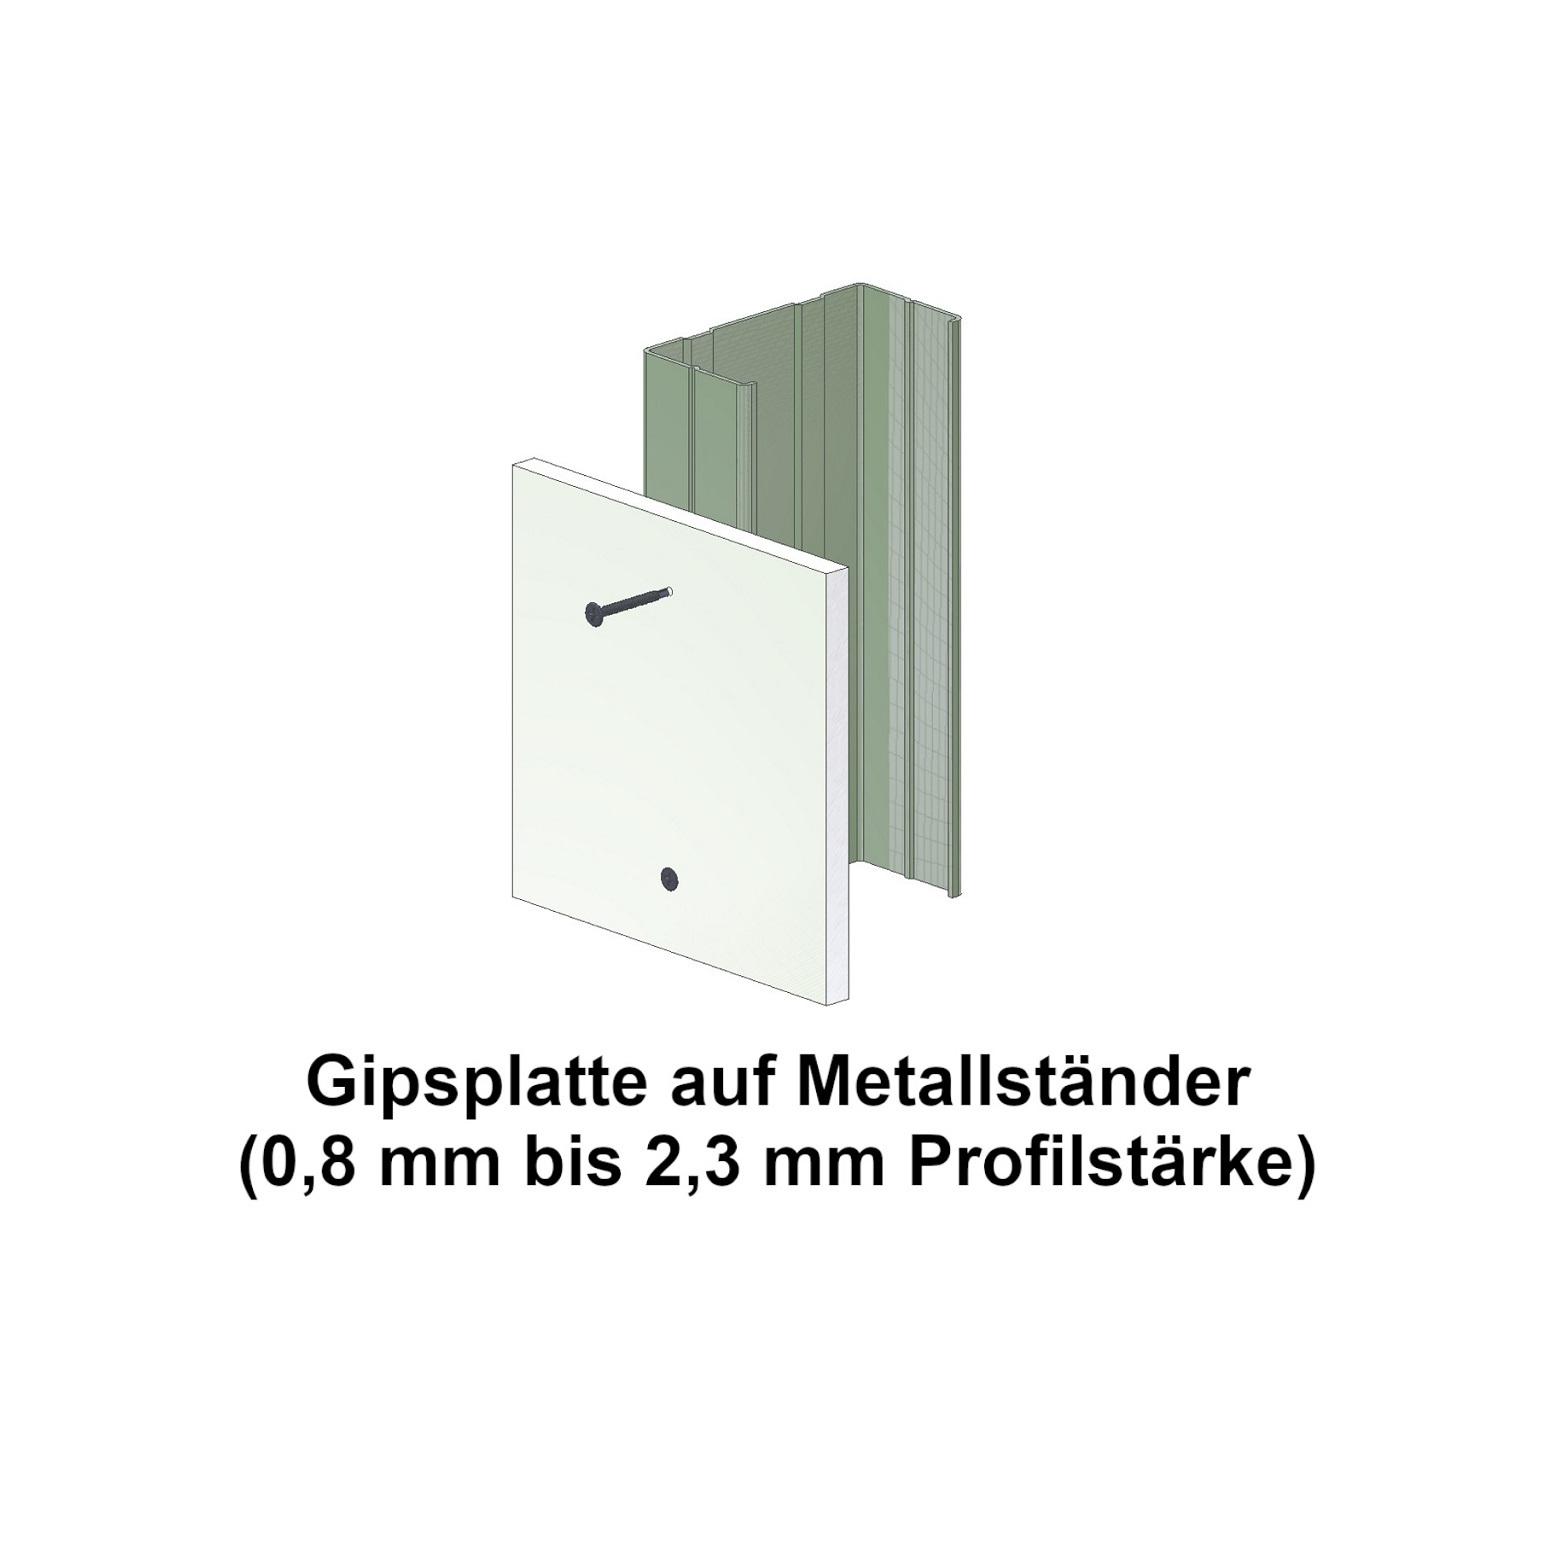 Magazinierte BLUEfast500® Schnellbauschrauben | Bohrspitze | 3,5x25 | 1.000 Stk